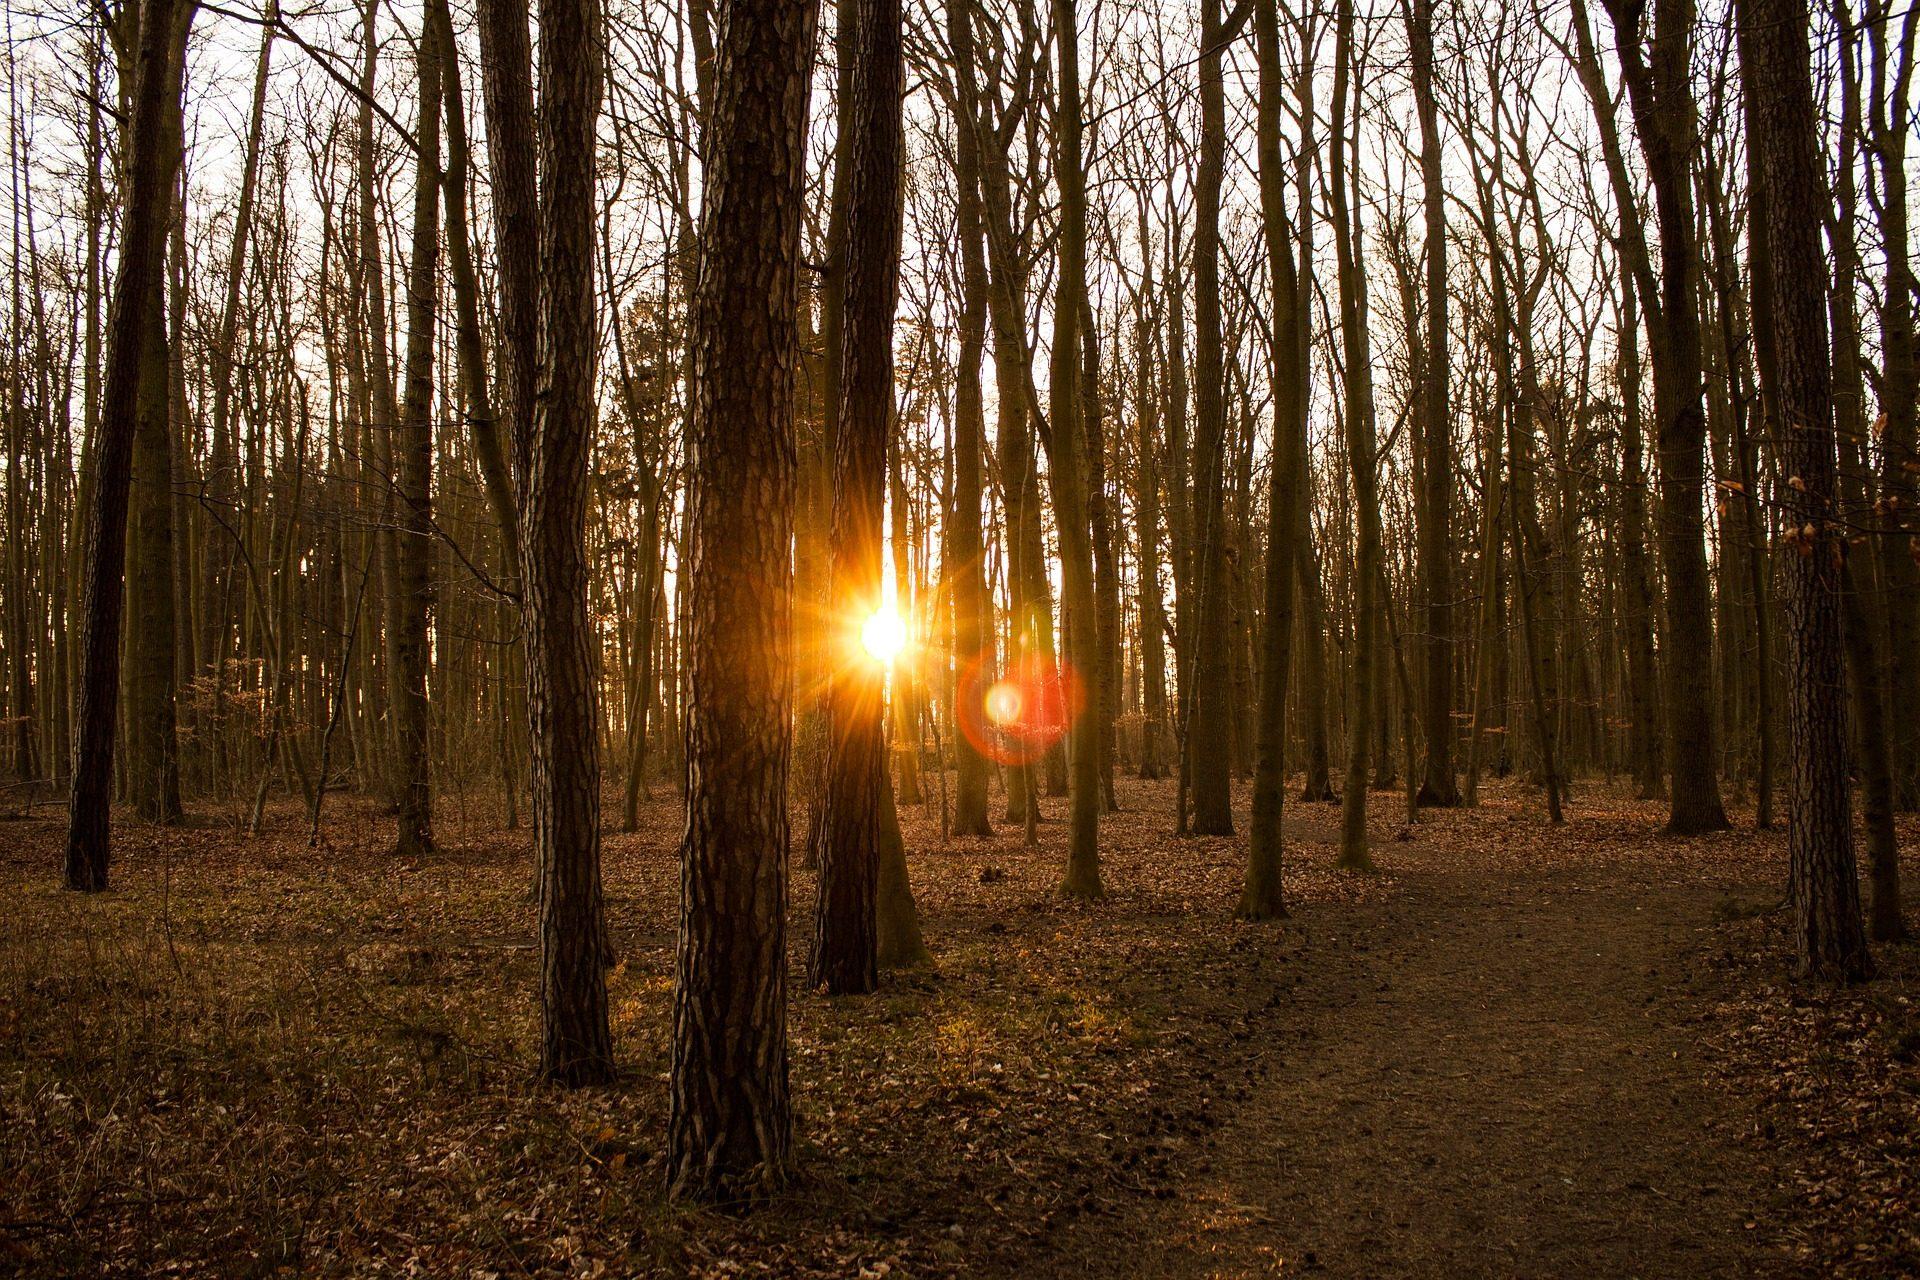 δάσος, πεδίο, δέντρα, Ηλιοβασίλεμα, υποκαταστήματα, Κυρ, ακτίνες, φωτοστέφανα - Wallpapers HD - Professor-falken.com